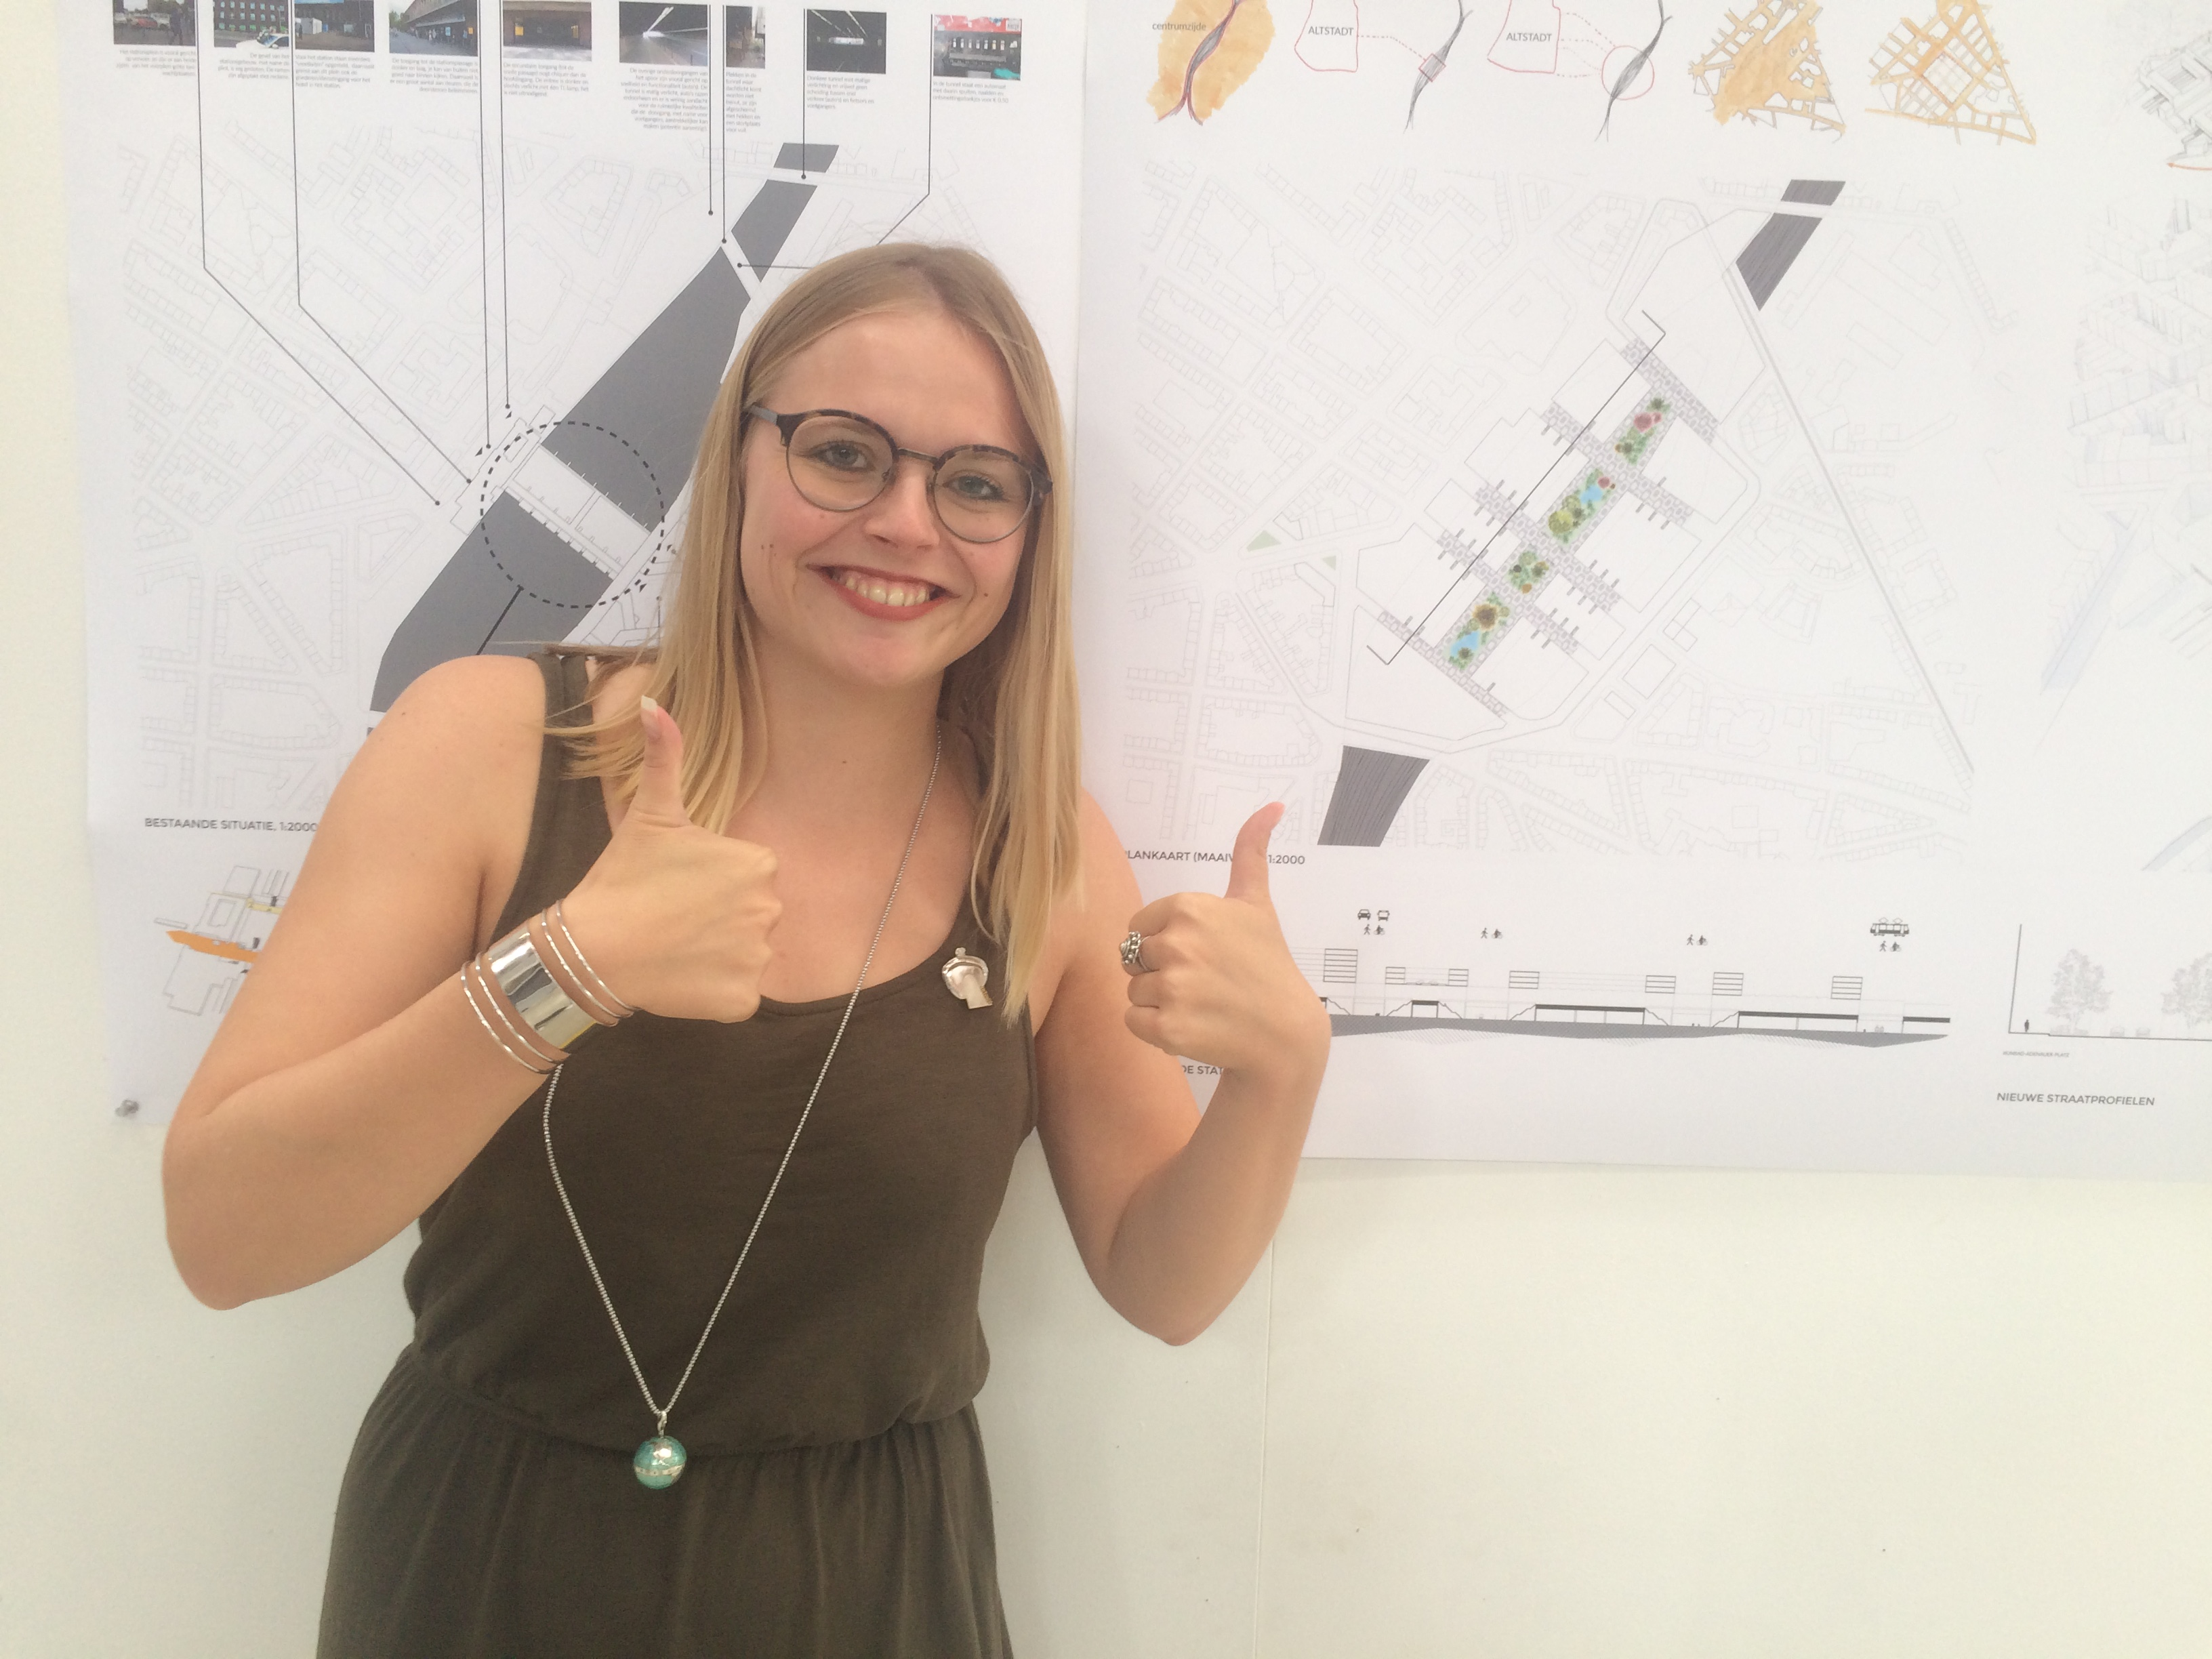 Franca Houg wint Iktinos 2017 met innovatief ontwerp voor station Düsseldorf